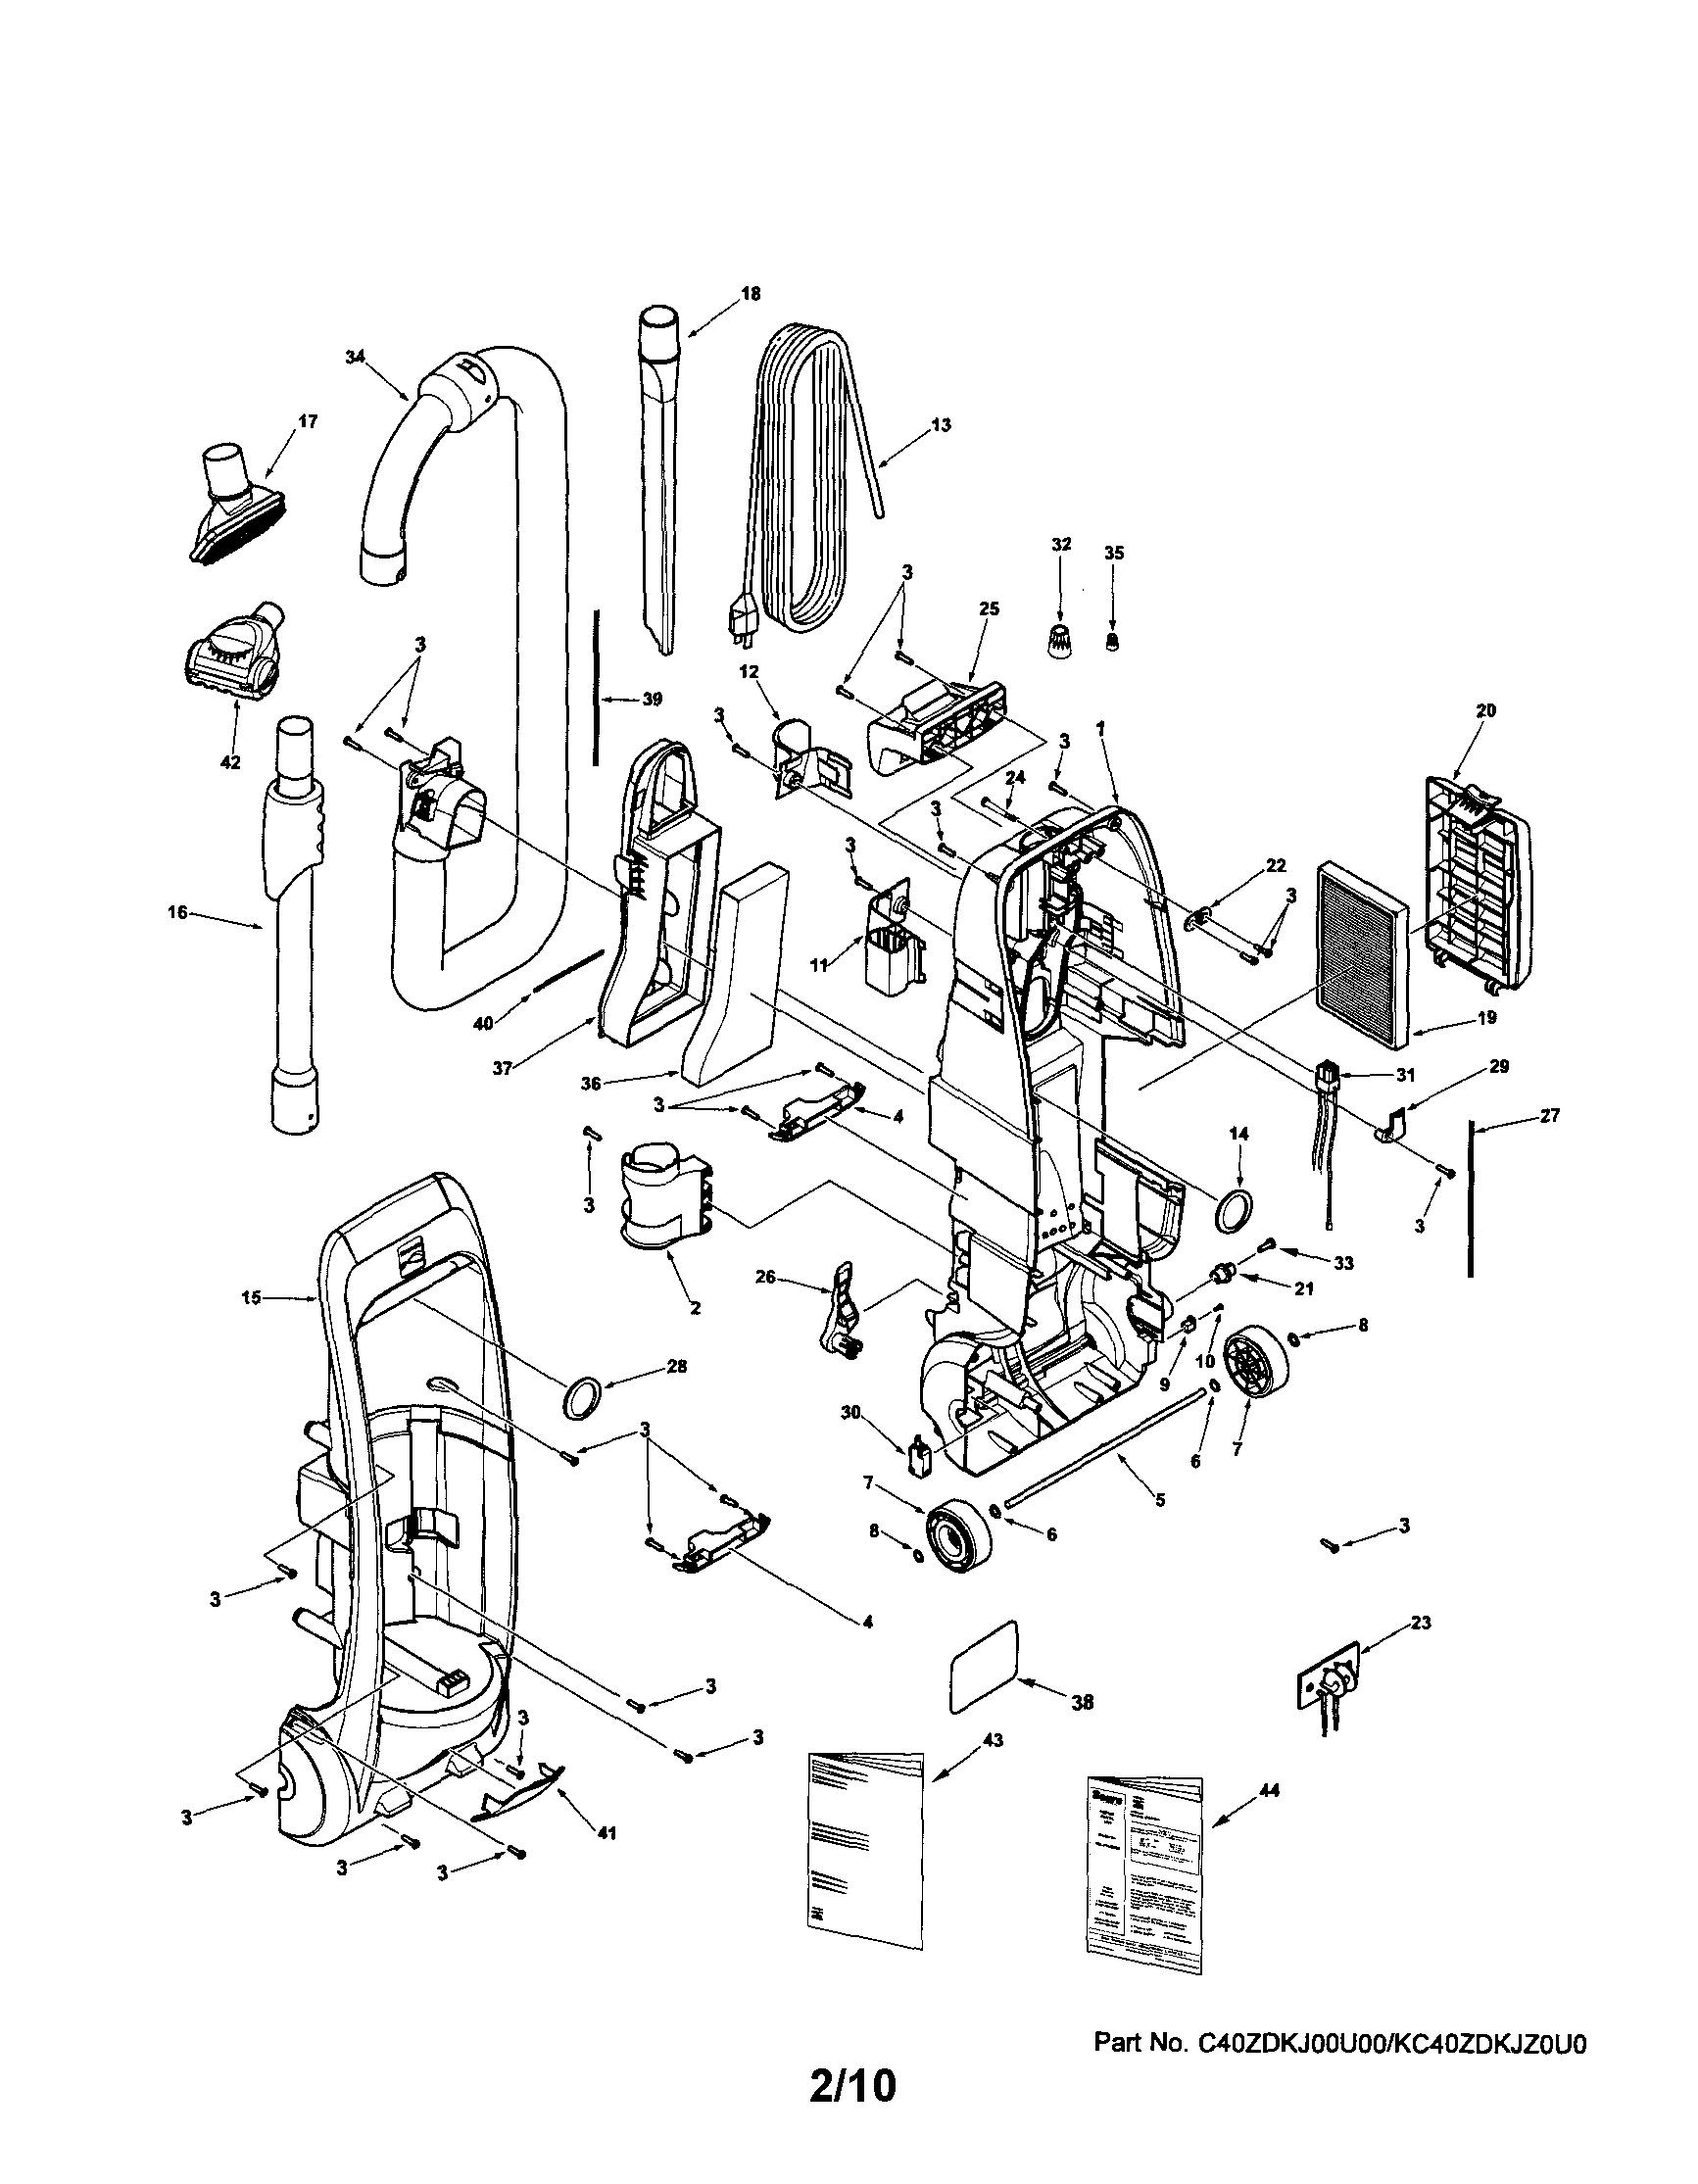 Sears Kenmore Vacuum Model 116 Wiring Diagram, Sears, Get